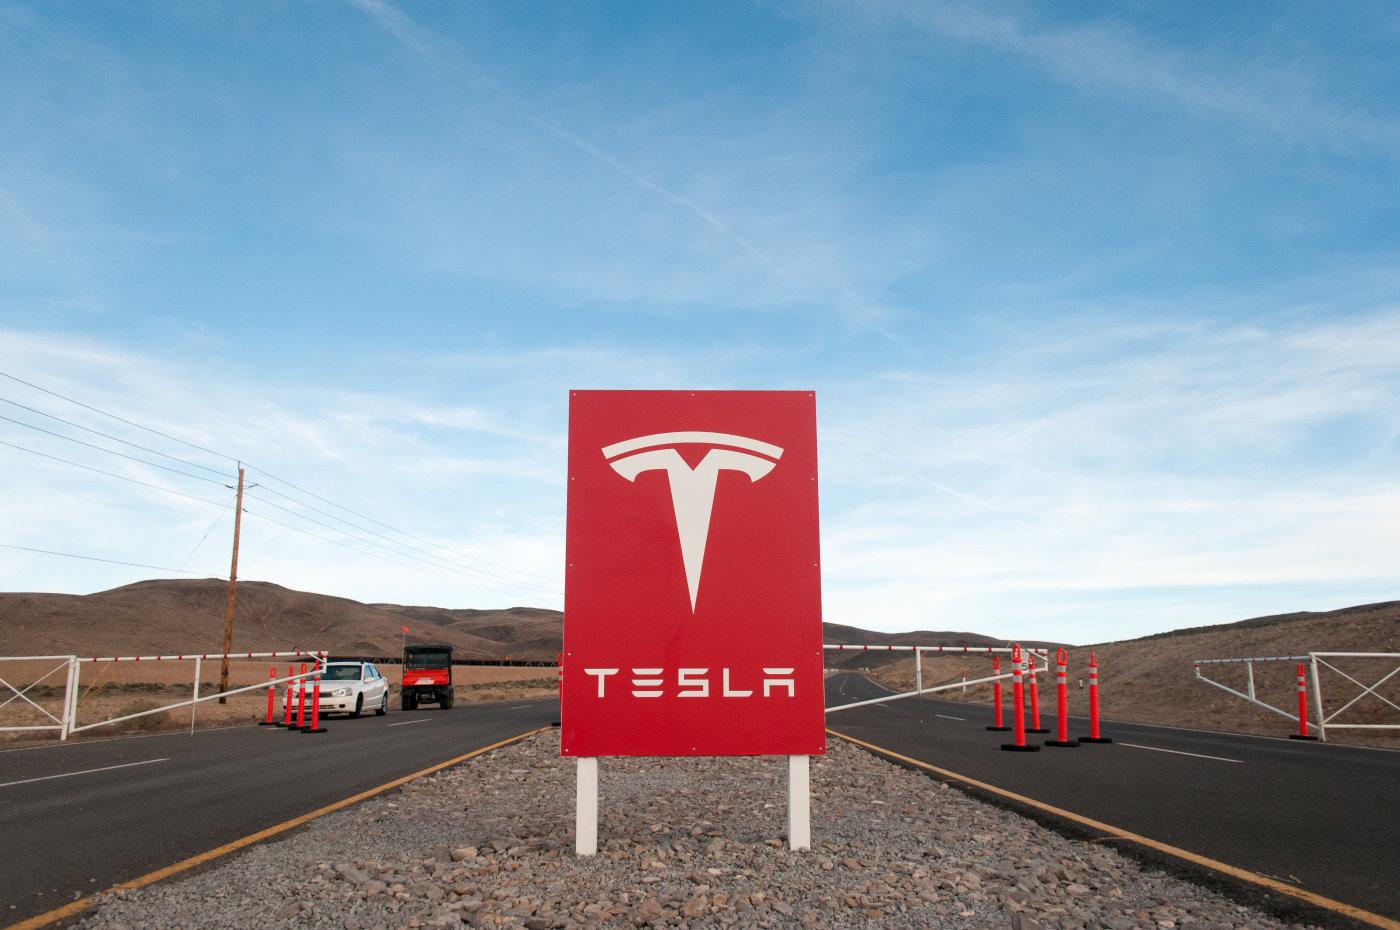 Гигафабрика Tesla открывается 29 июля - 2